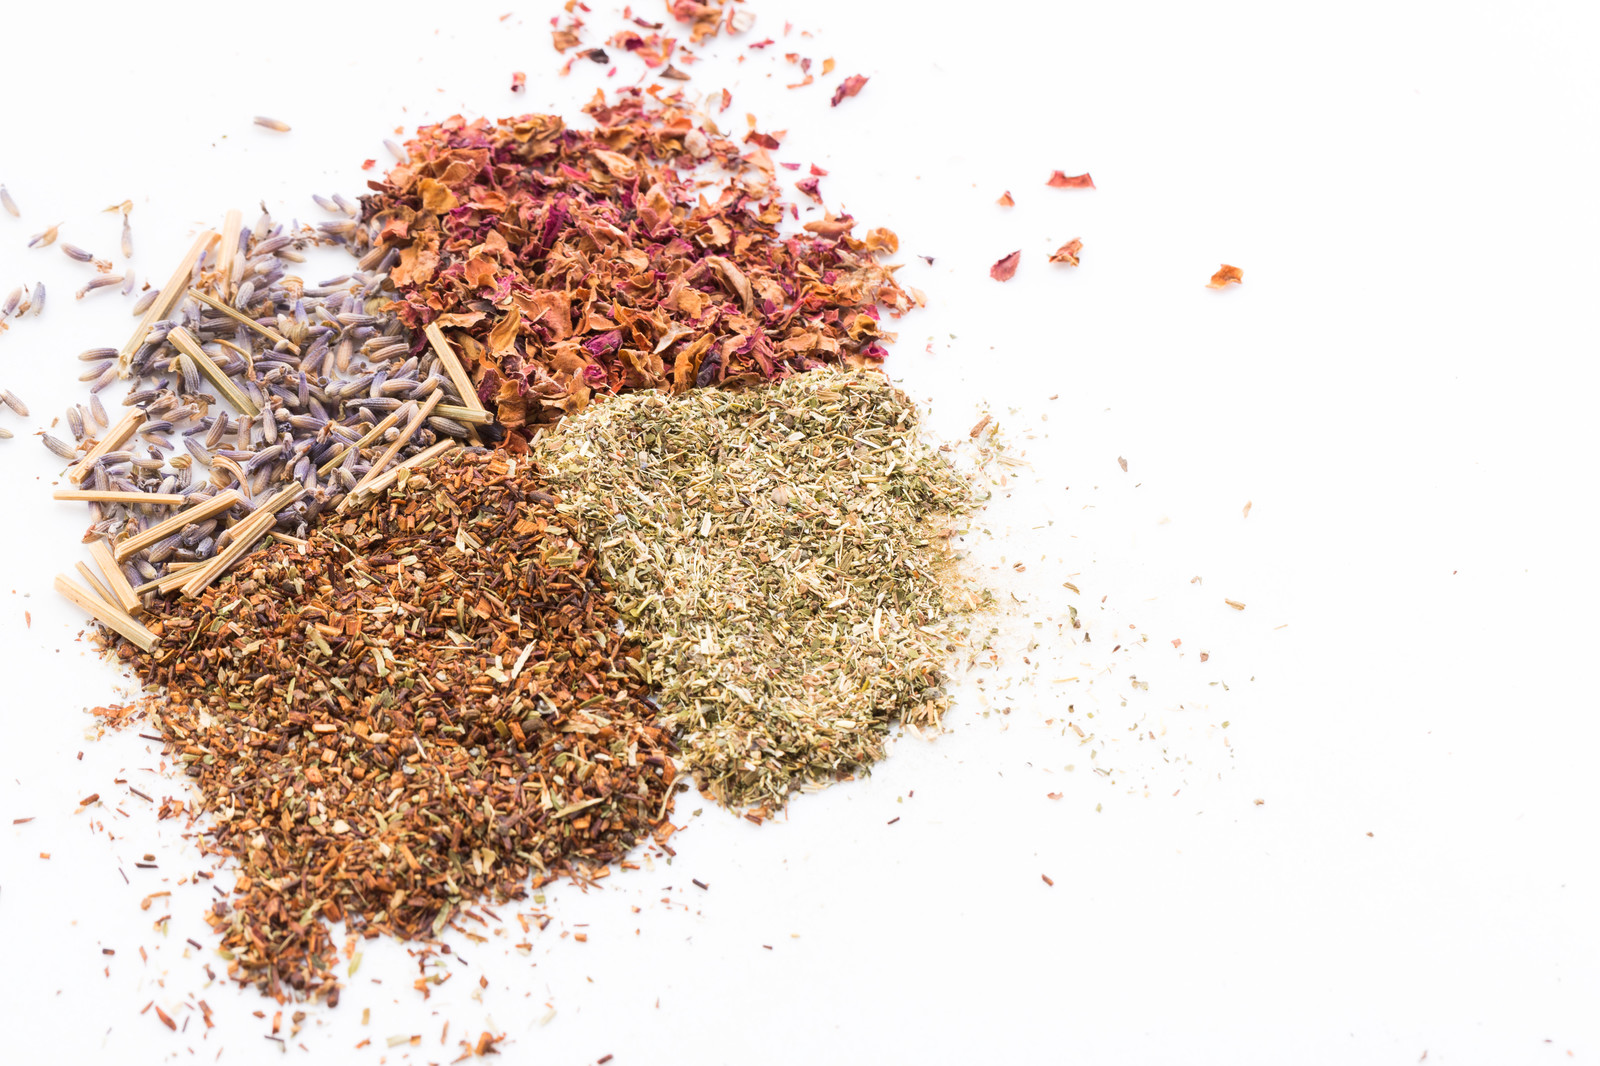 「4種類の香草や粉末4種類の香草や粉末」のフリー写真素材を拡大